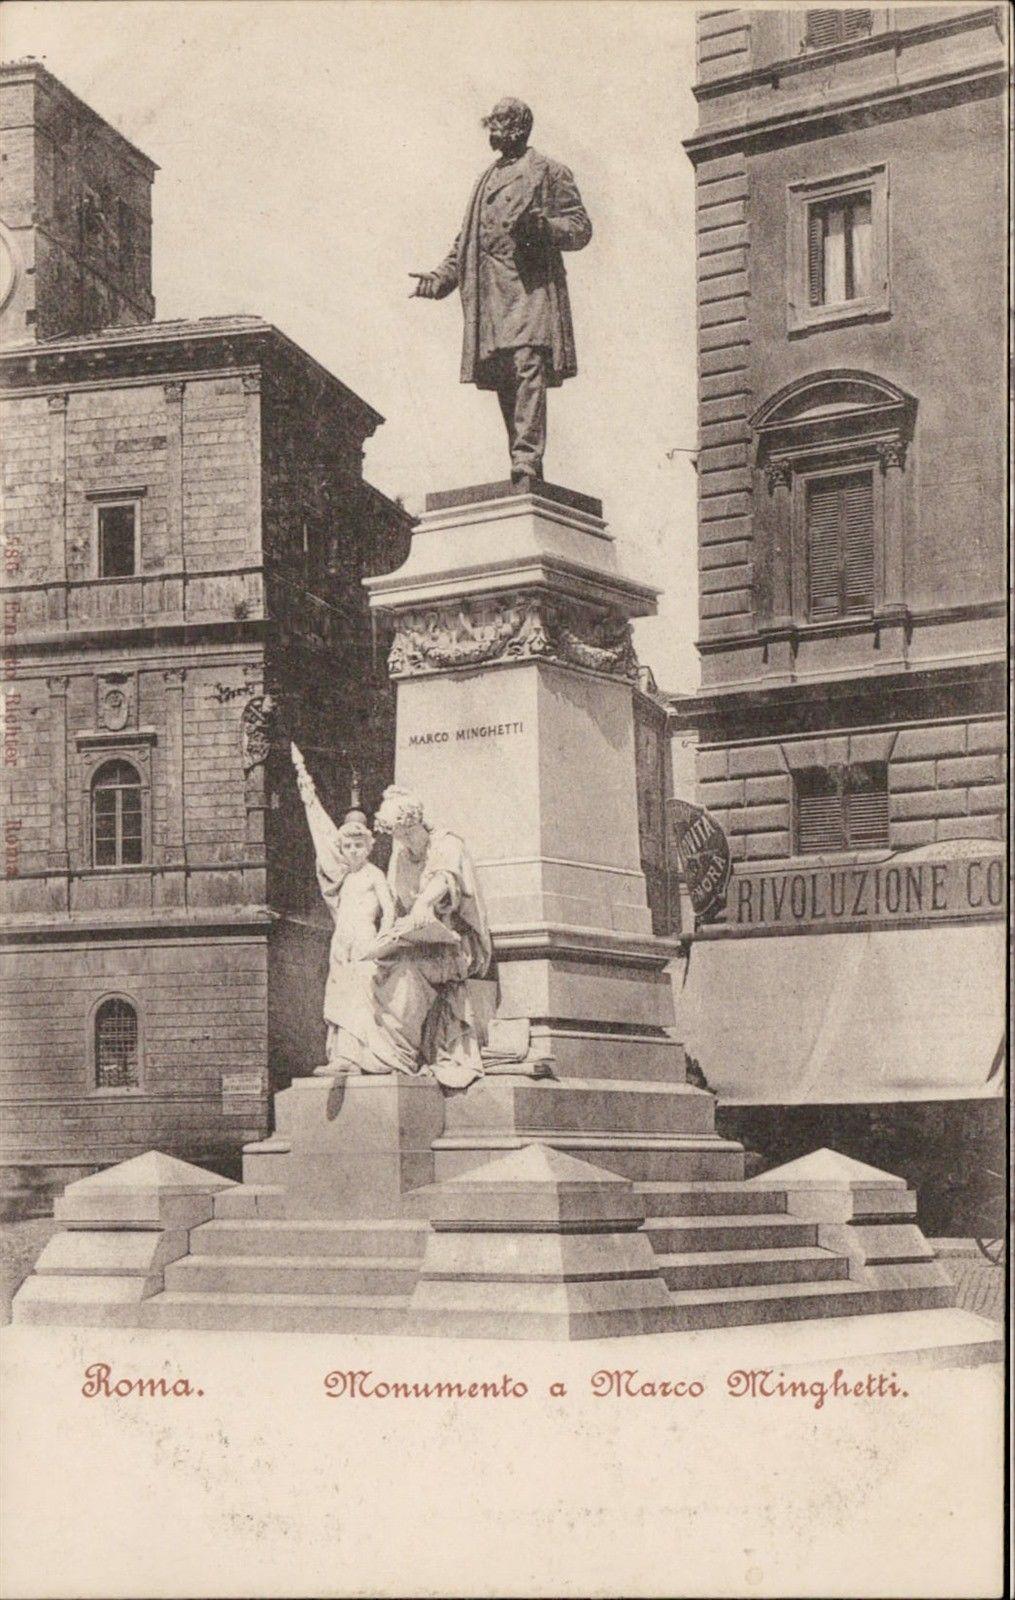 Roma Monumento a Marco Minghetti / HipPostcard